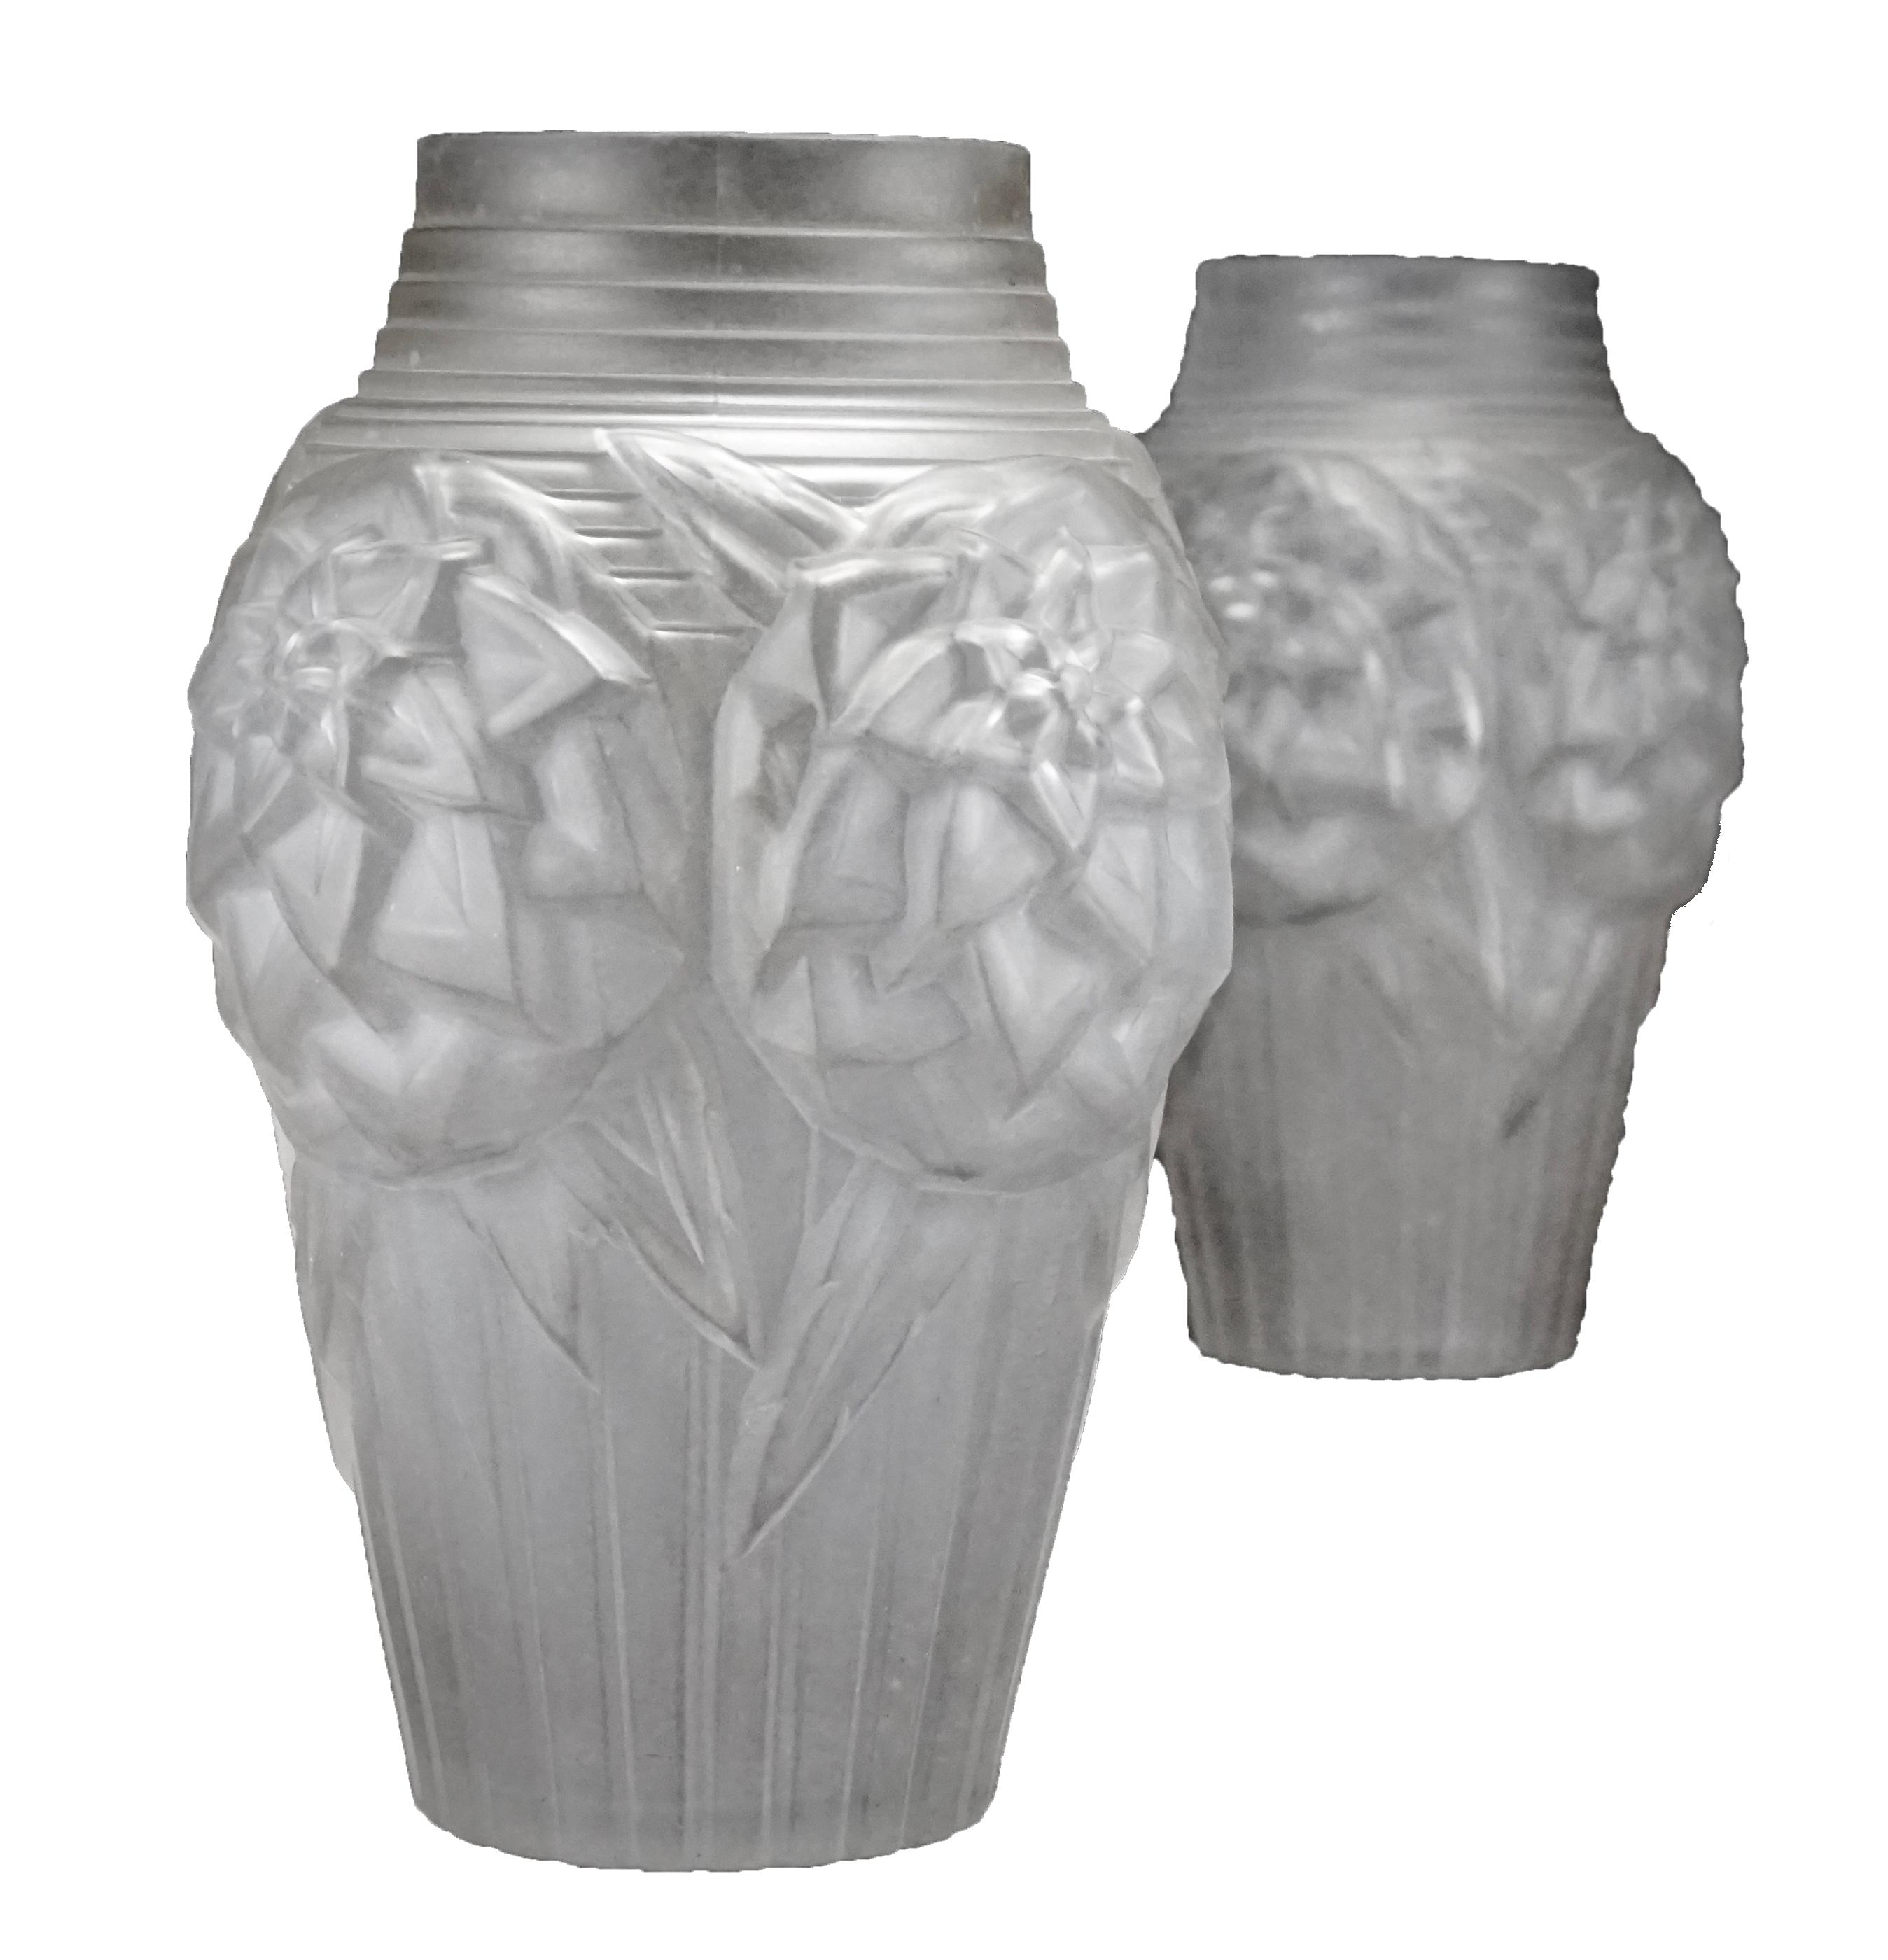 Mller frres glass art deco vases modernism mller frres glass art deco vases floridaeventfo Image collections